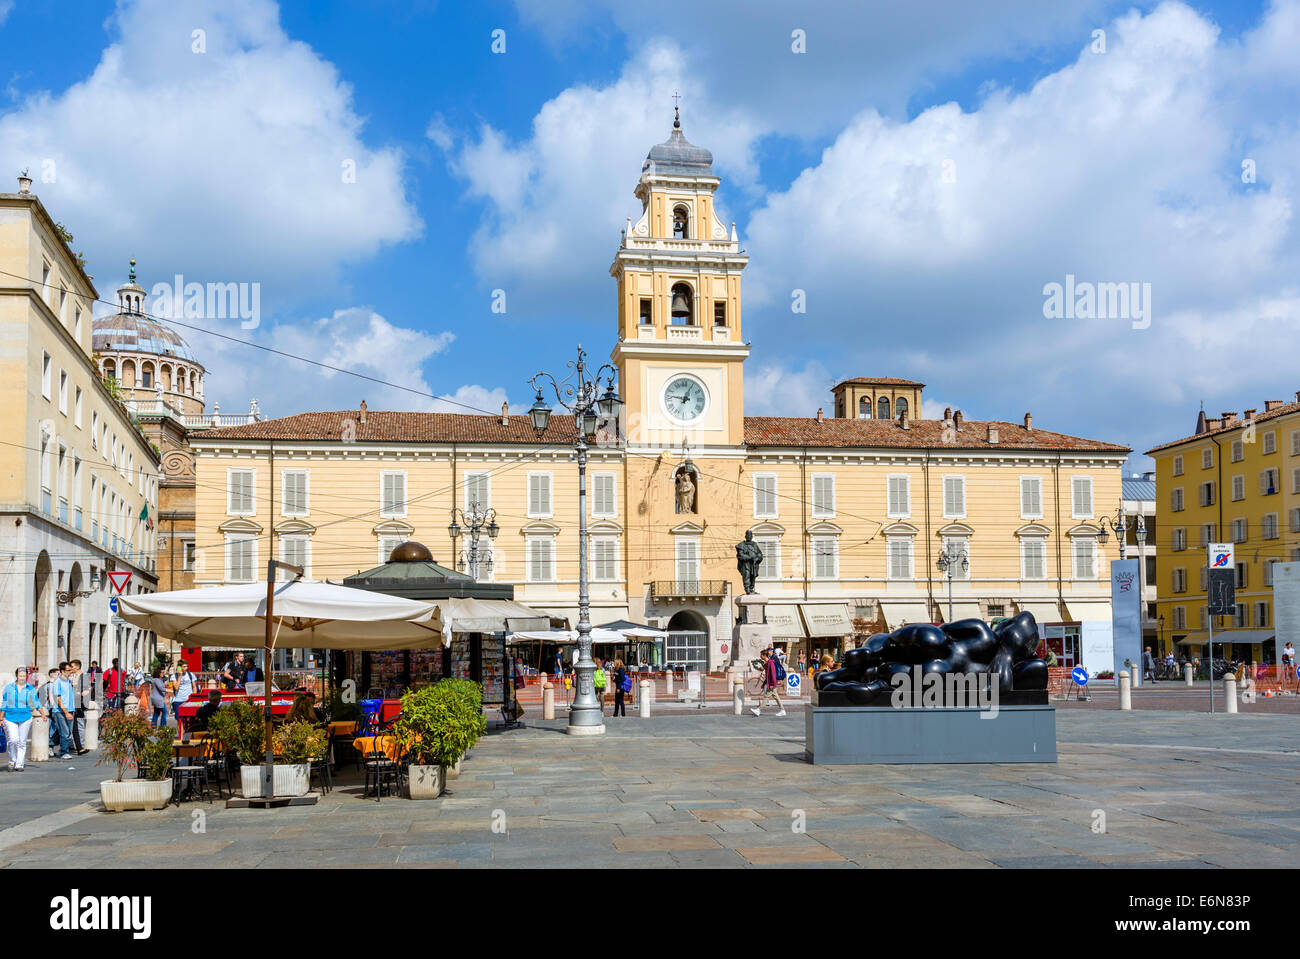 The Palazzo del Governatore, Piazza Giuseppe Garibaldi, Parma, Emilia Romagna, Italy - Stock Image